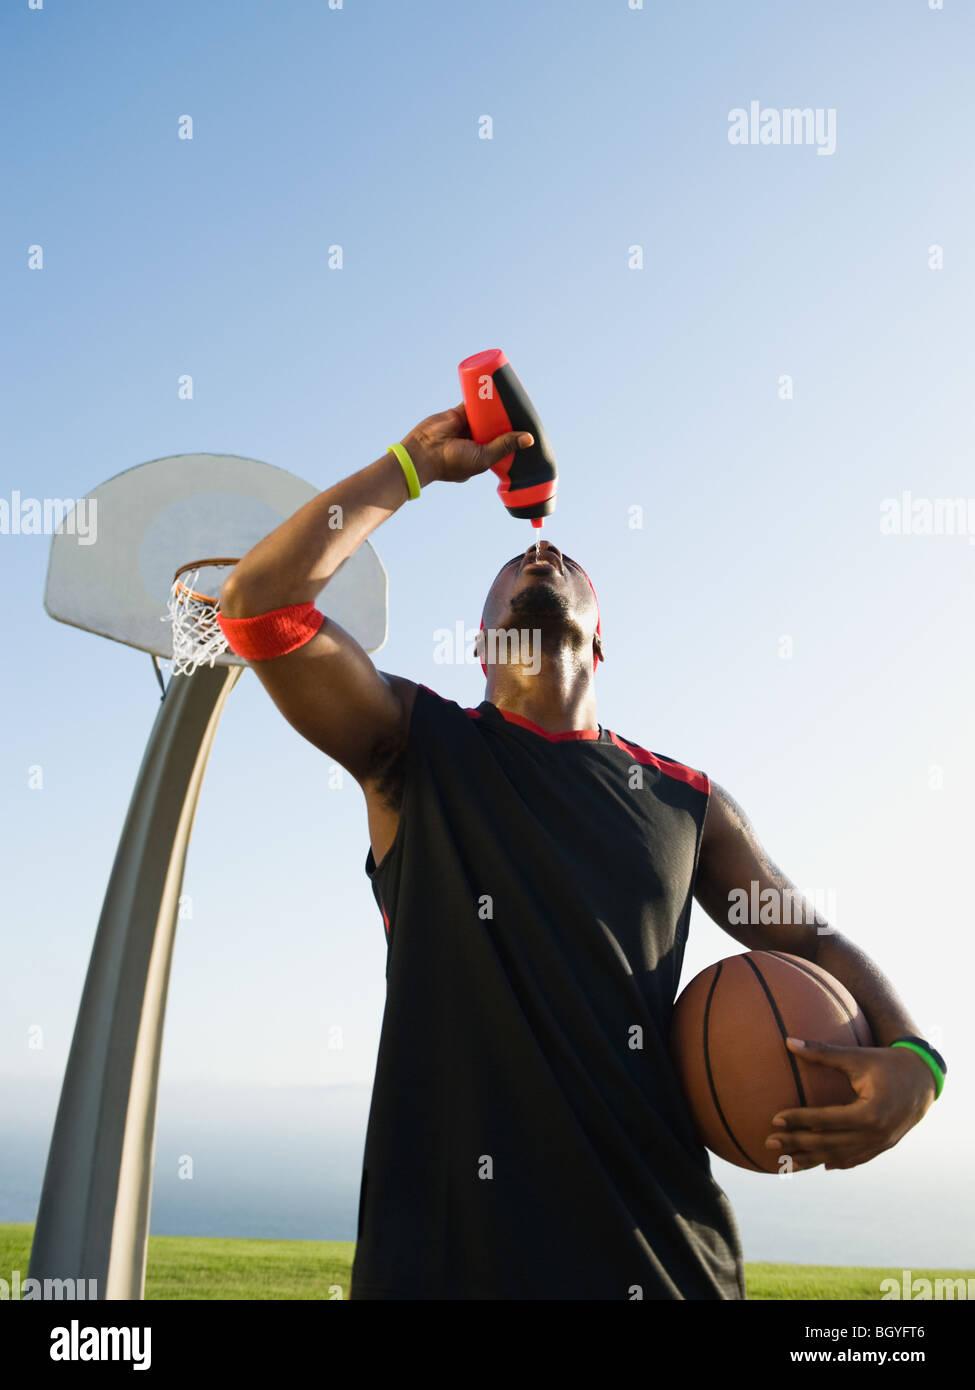 Basketball player - Stock Image